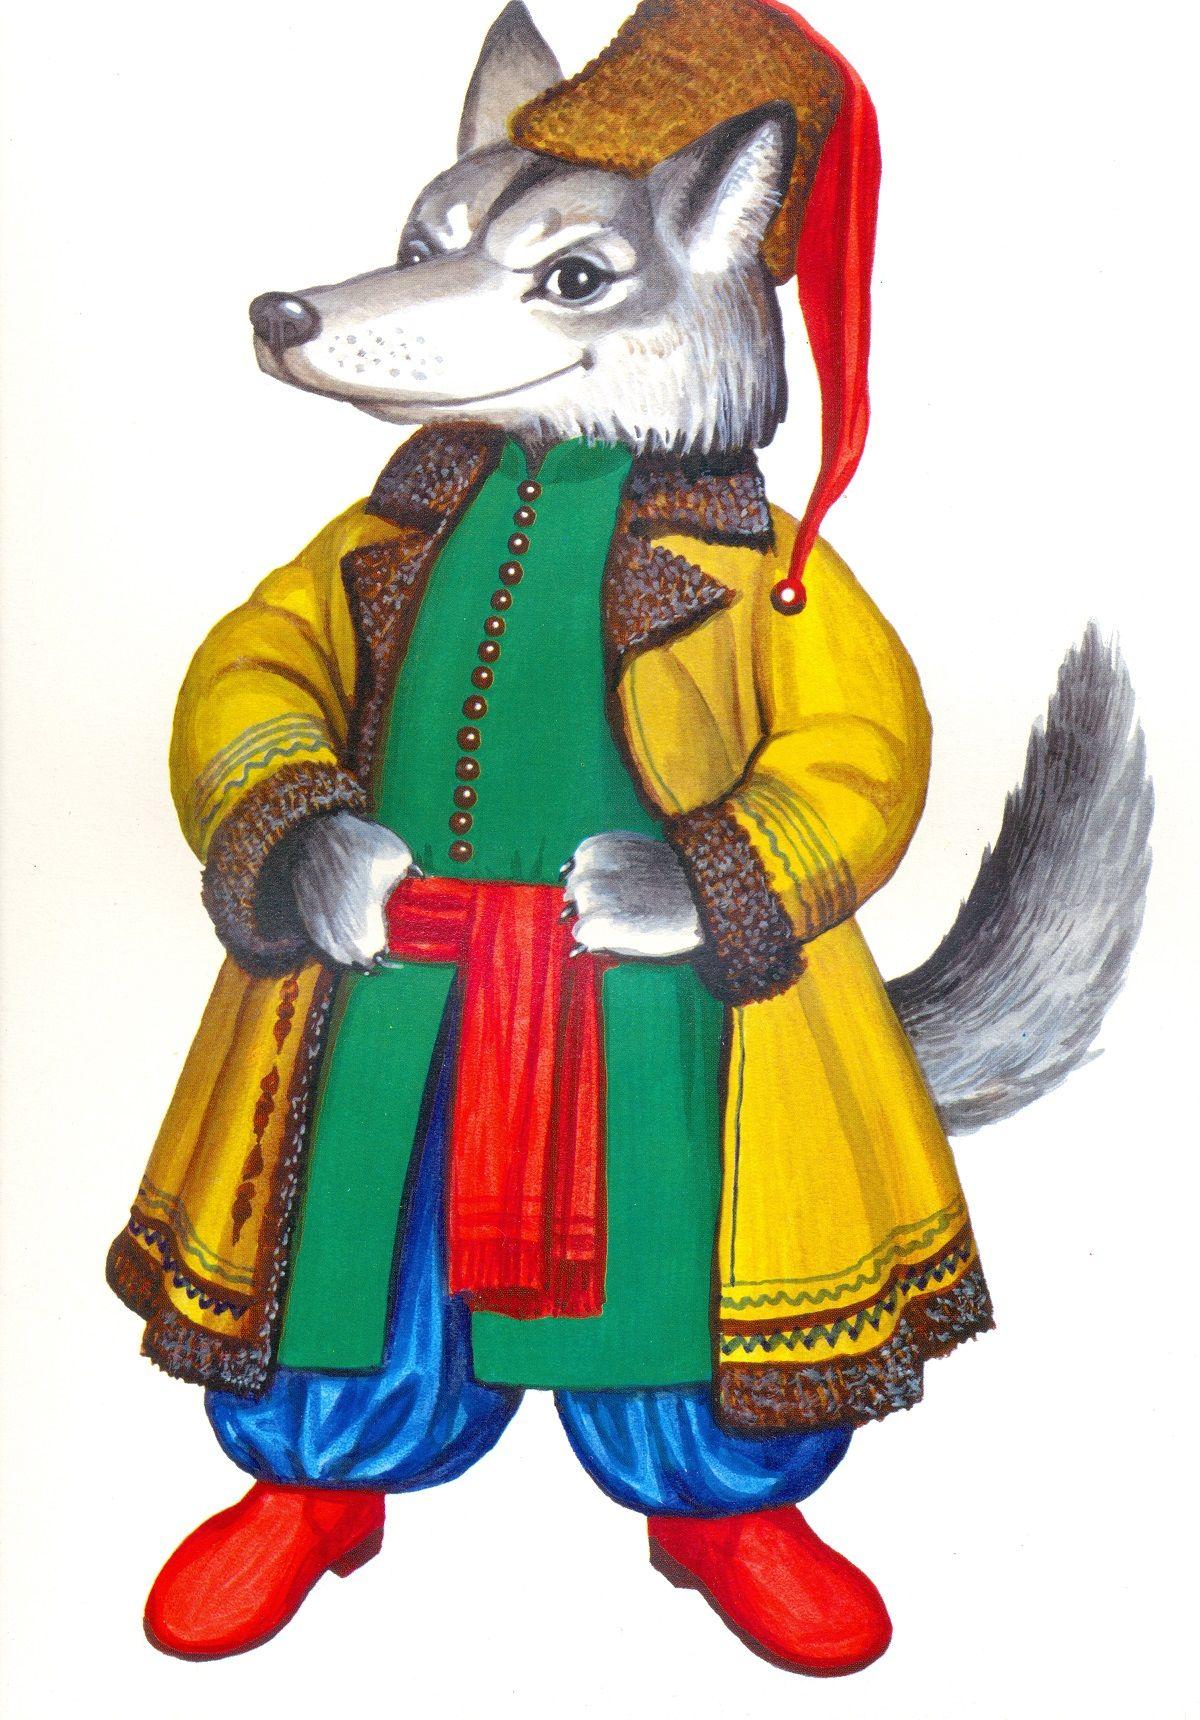 картинка волка из сказки рукавичка встречаются